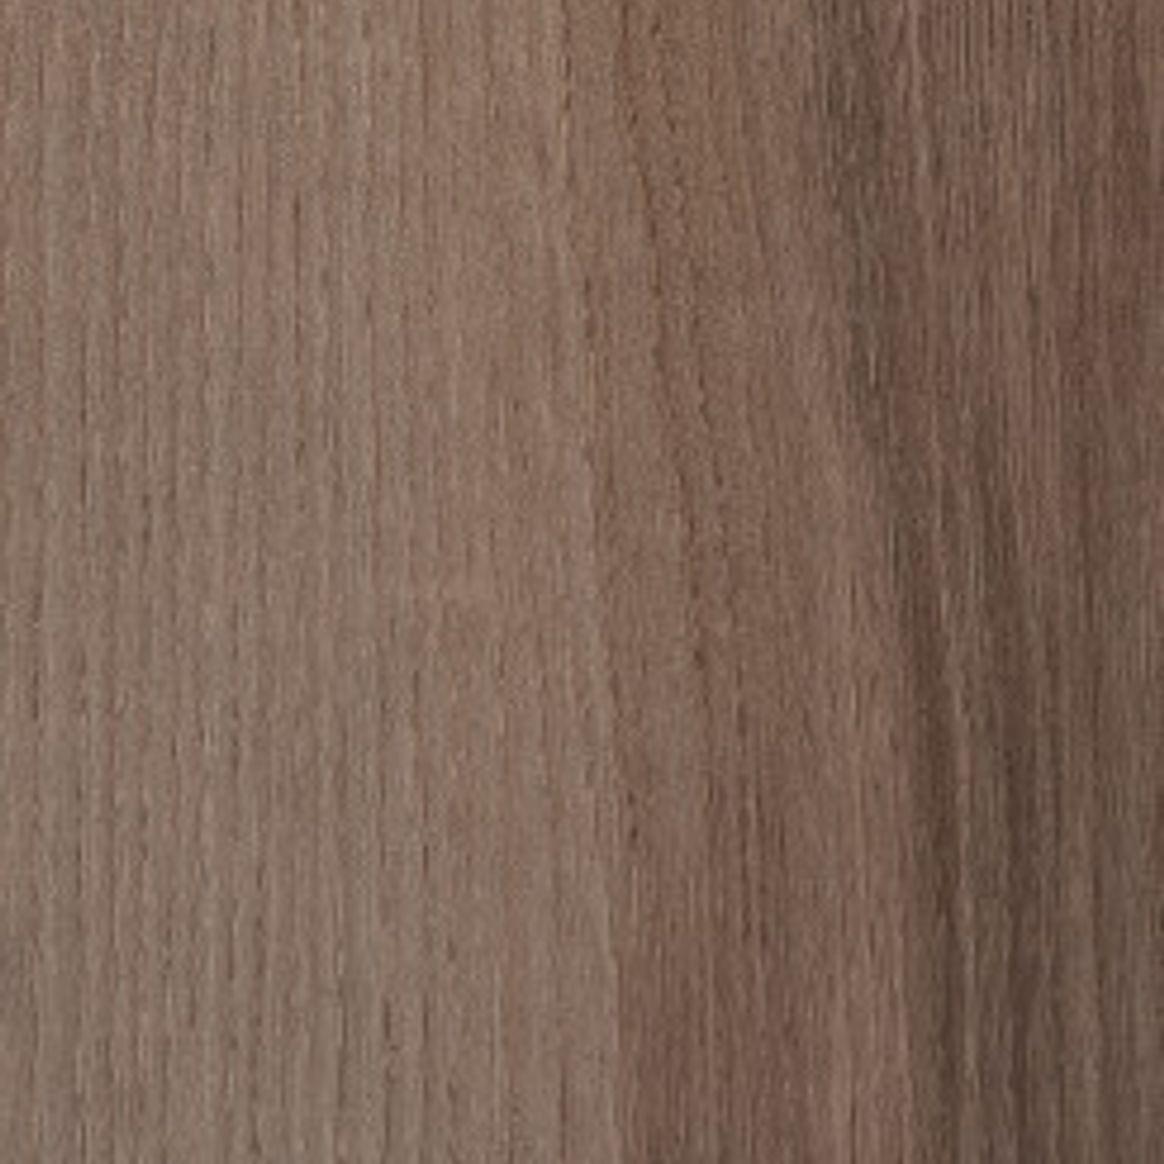 European Ash Fawn thumbnail